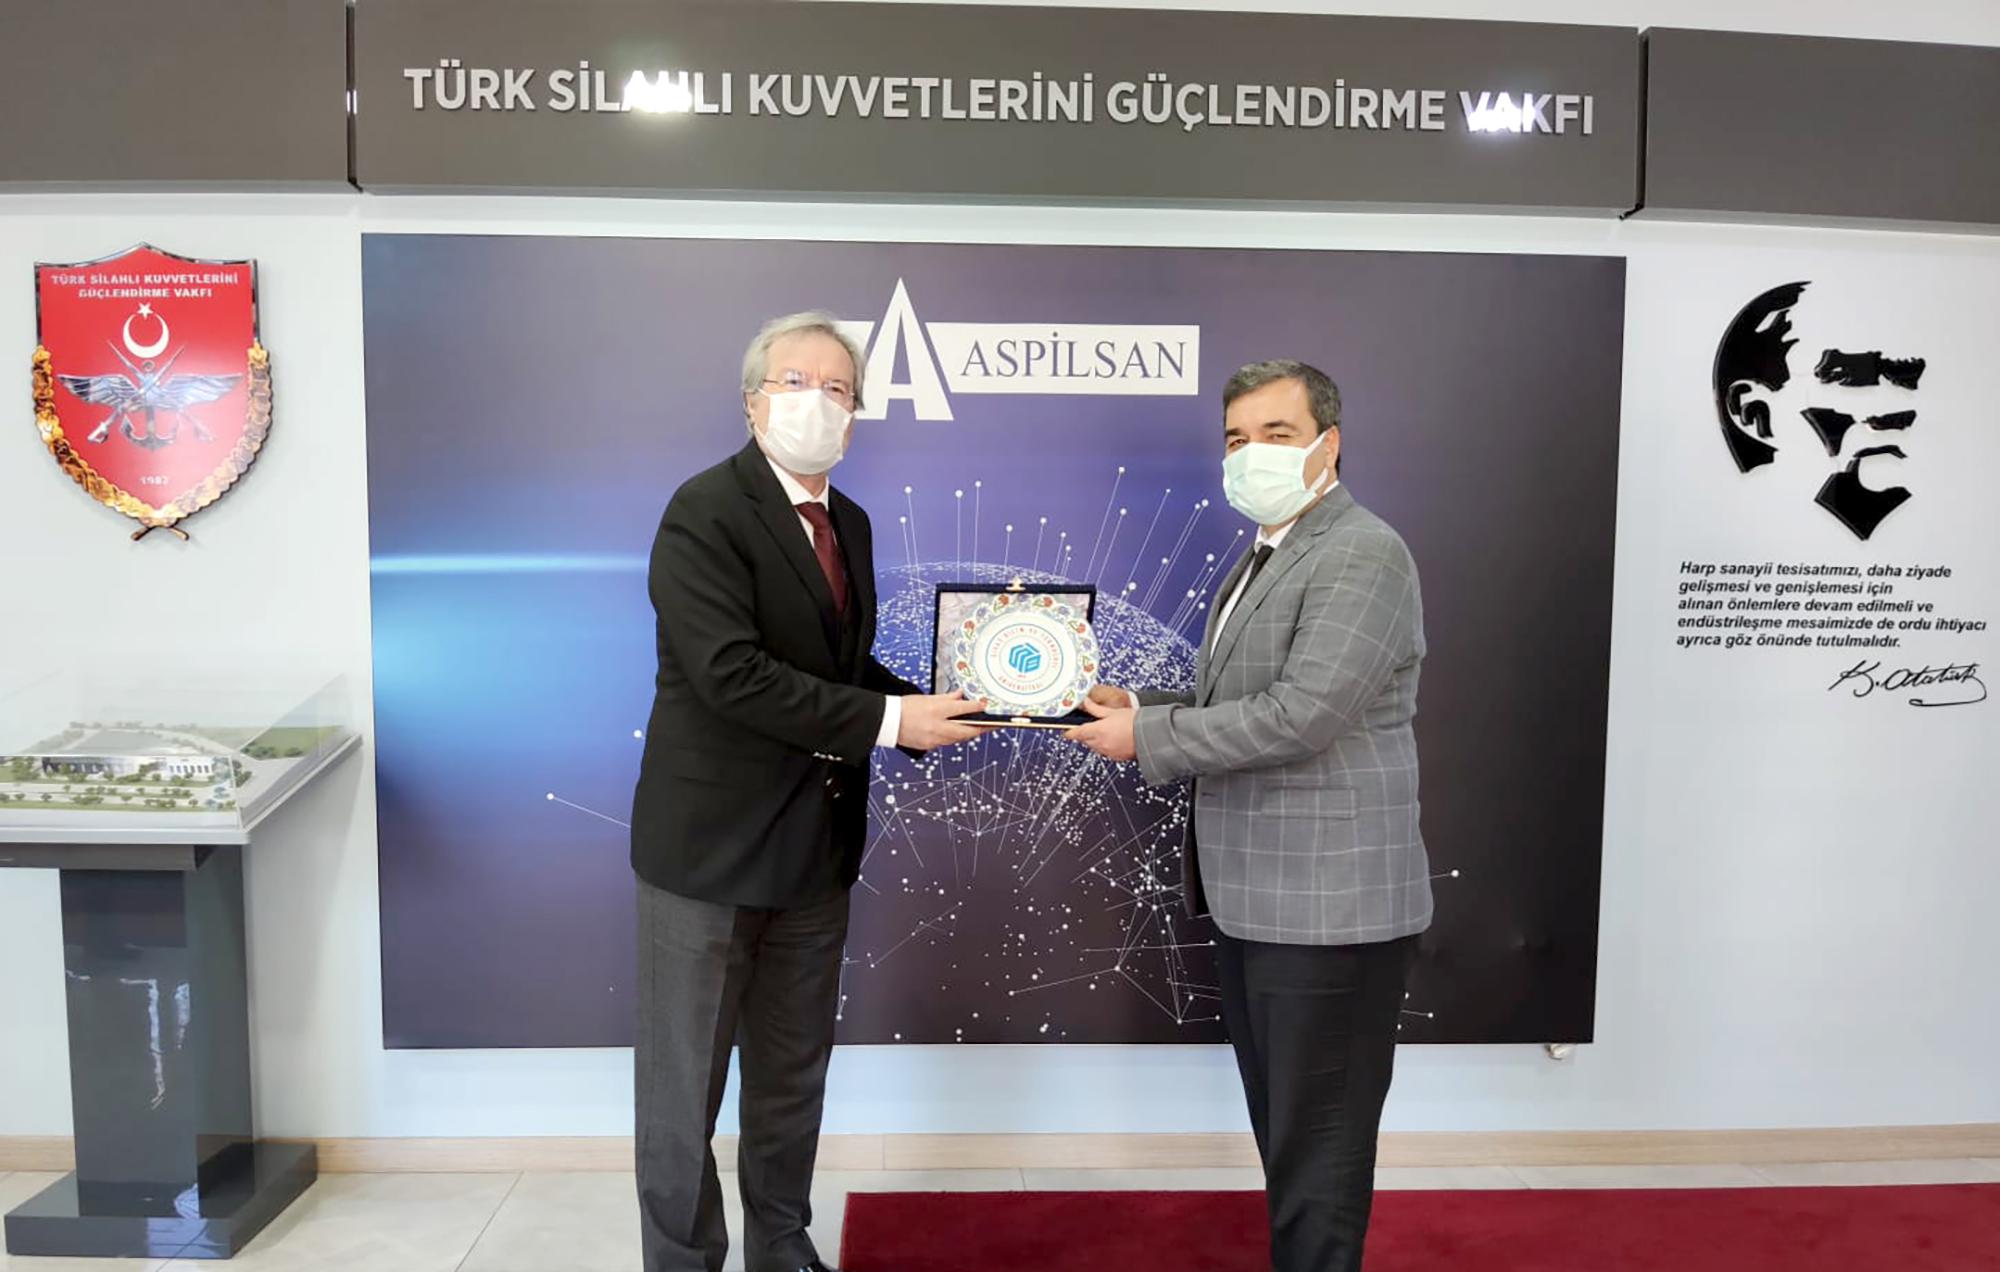 Rektörümüz Prof. Dr. Mehmet Kul ASPİLSAN Enerjiyi Ziyaret Etti